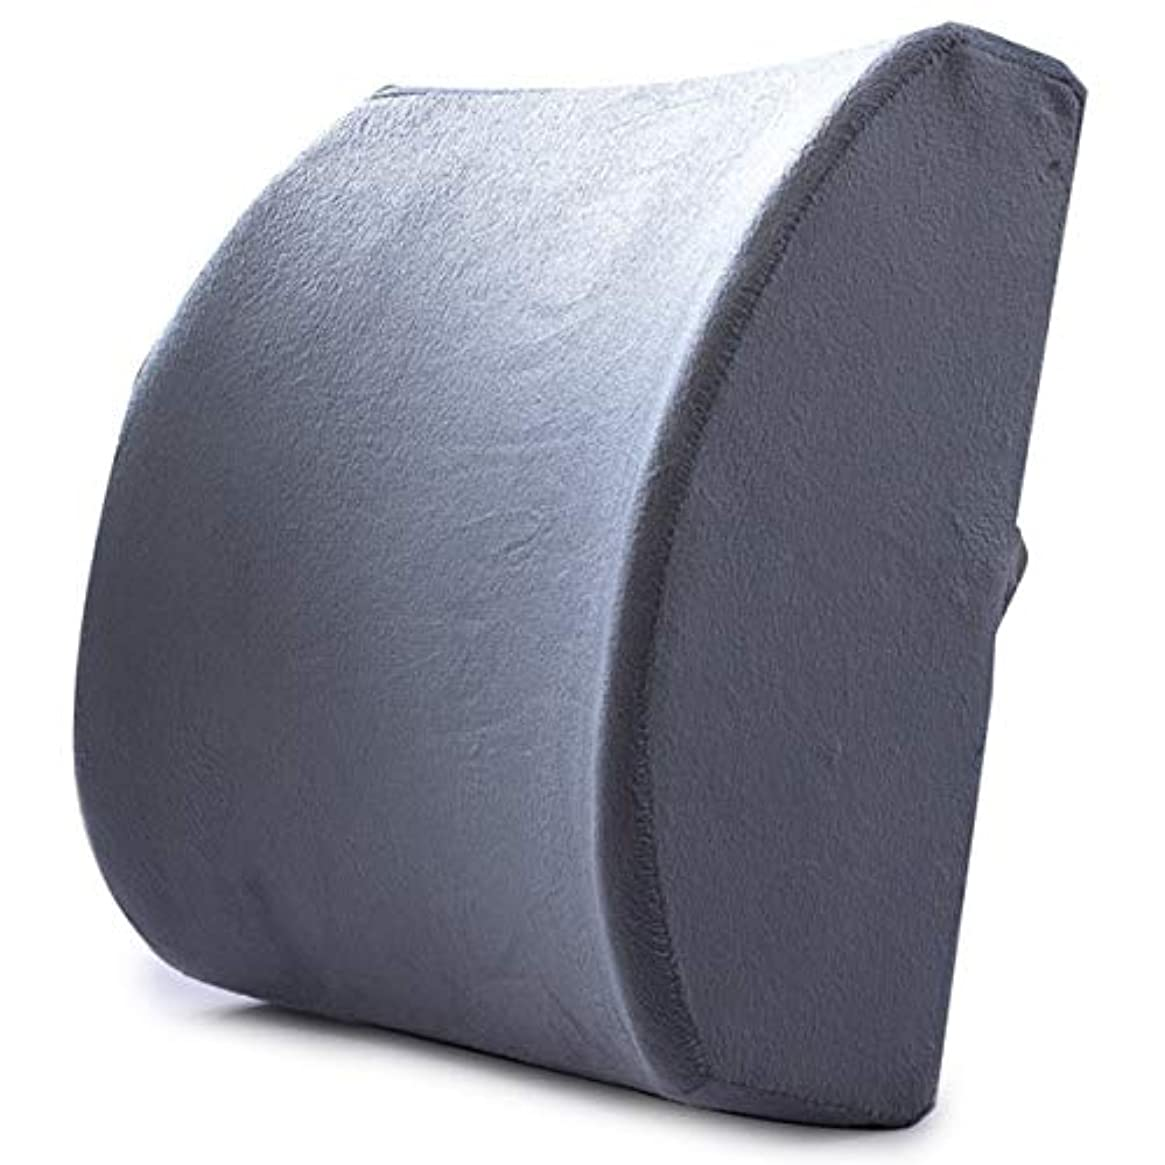 絶滅させる暴露バスケットボールMemory Foam Lumbar Support Waist Cushion Pillow For Chairs in the Car Seat Pillows Home Office Relieve Pain